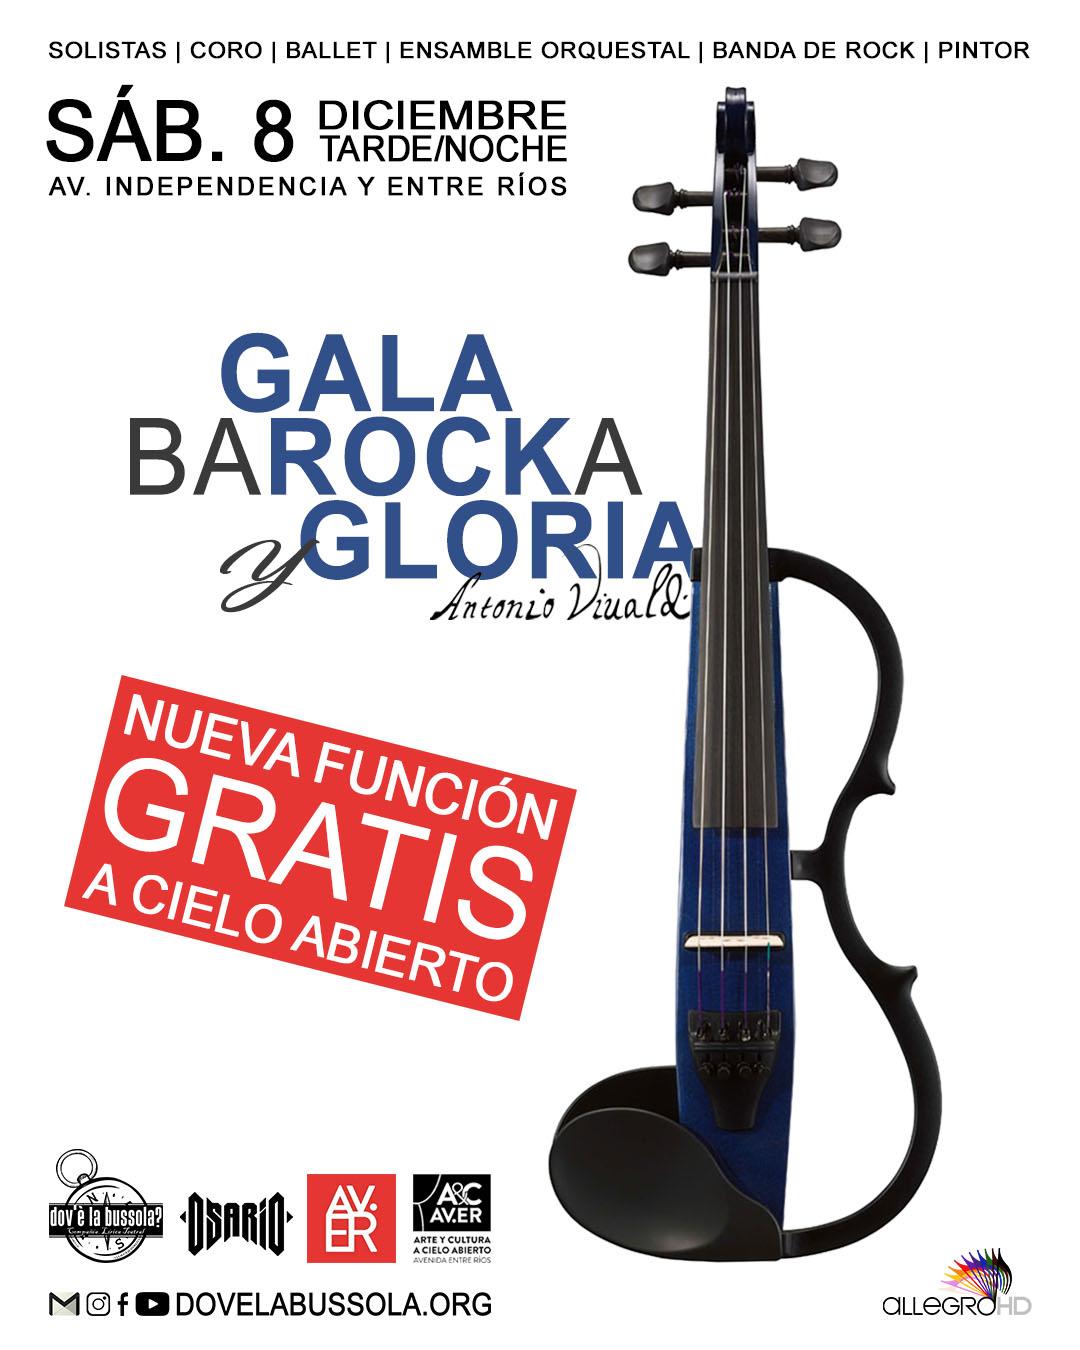 Gala baROCKa y Gloria